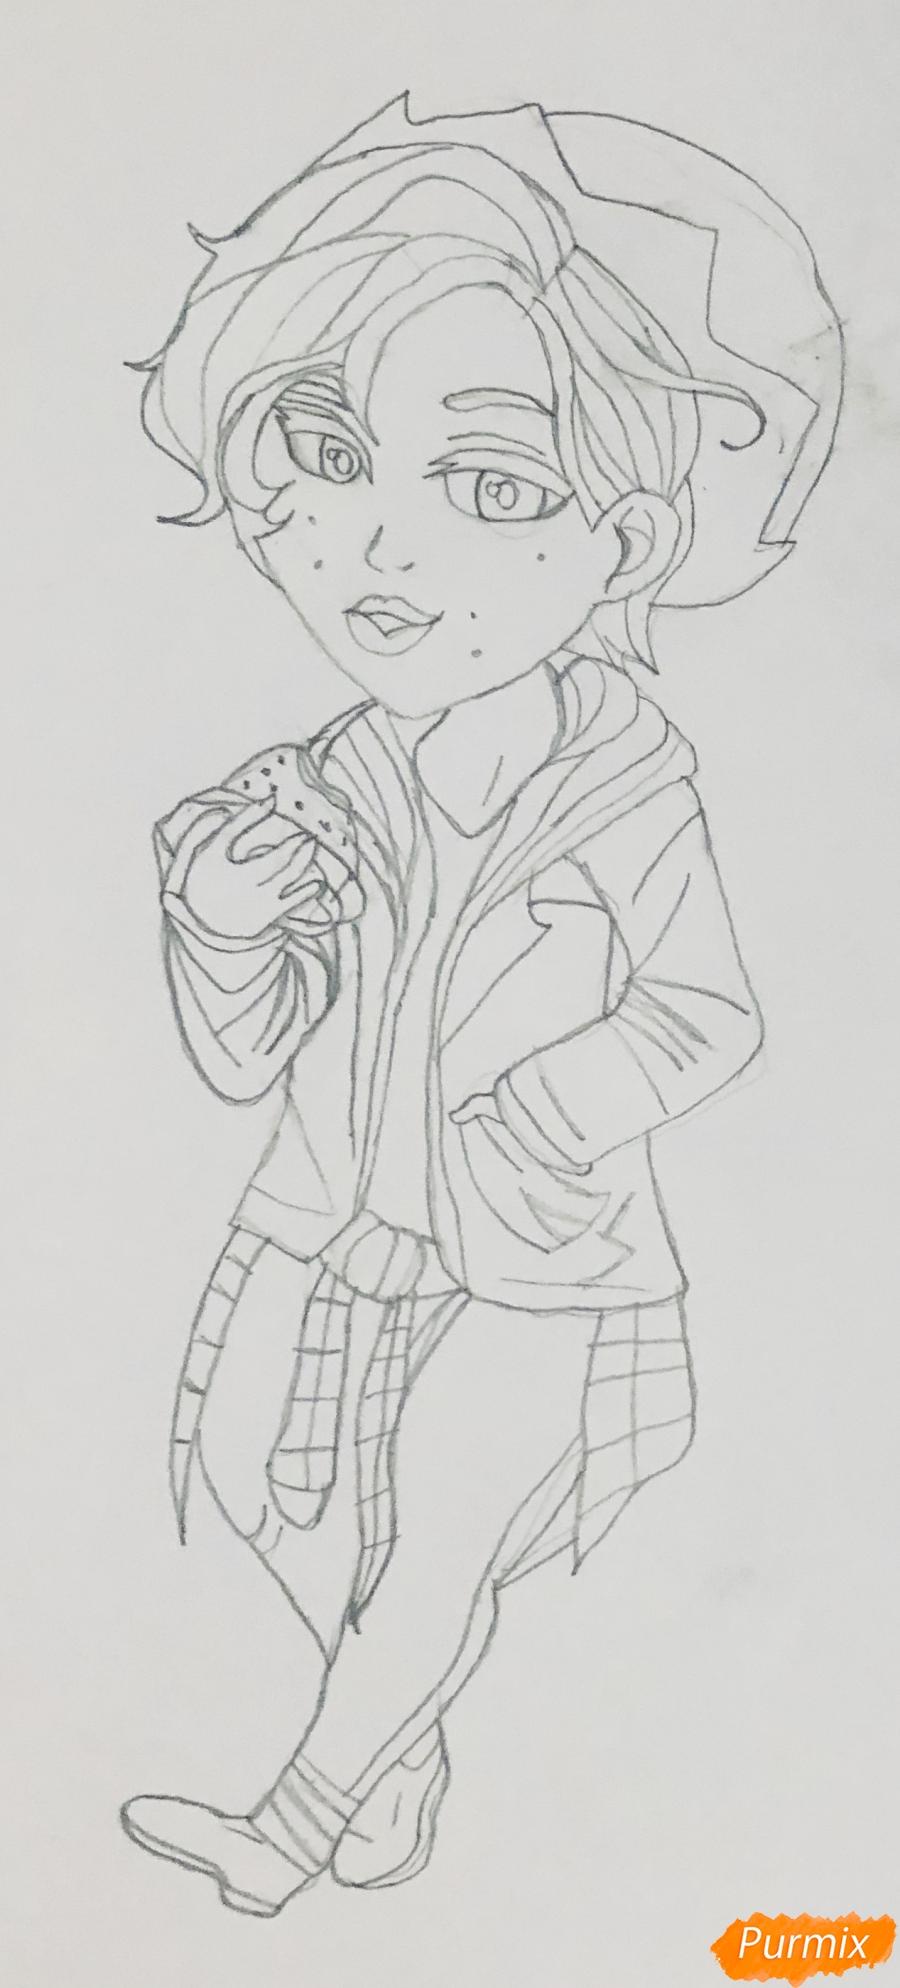 Рисуем Джагхеда из сериала Ривердейл в стиле чиби - шаг 5